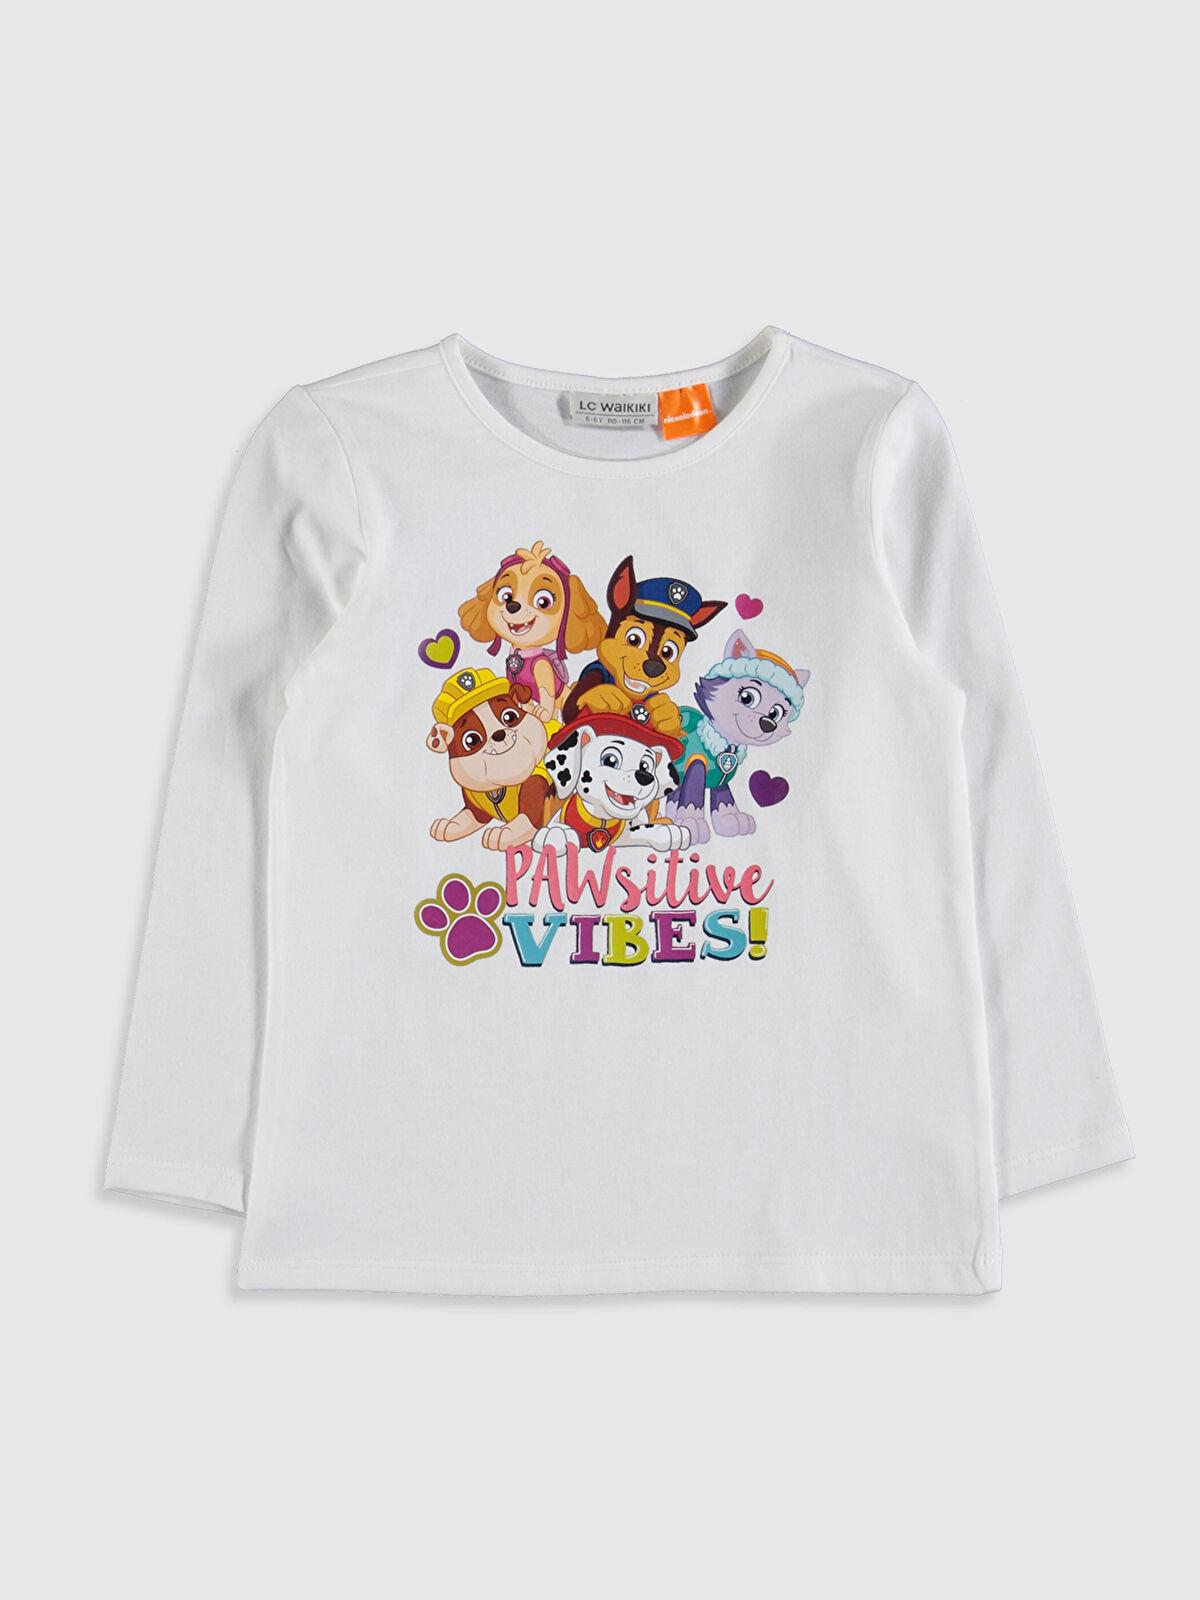 Kız Çocuk Paw Patrol Baskılı Pamuklu Tişört - LC WAIKIKI